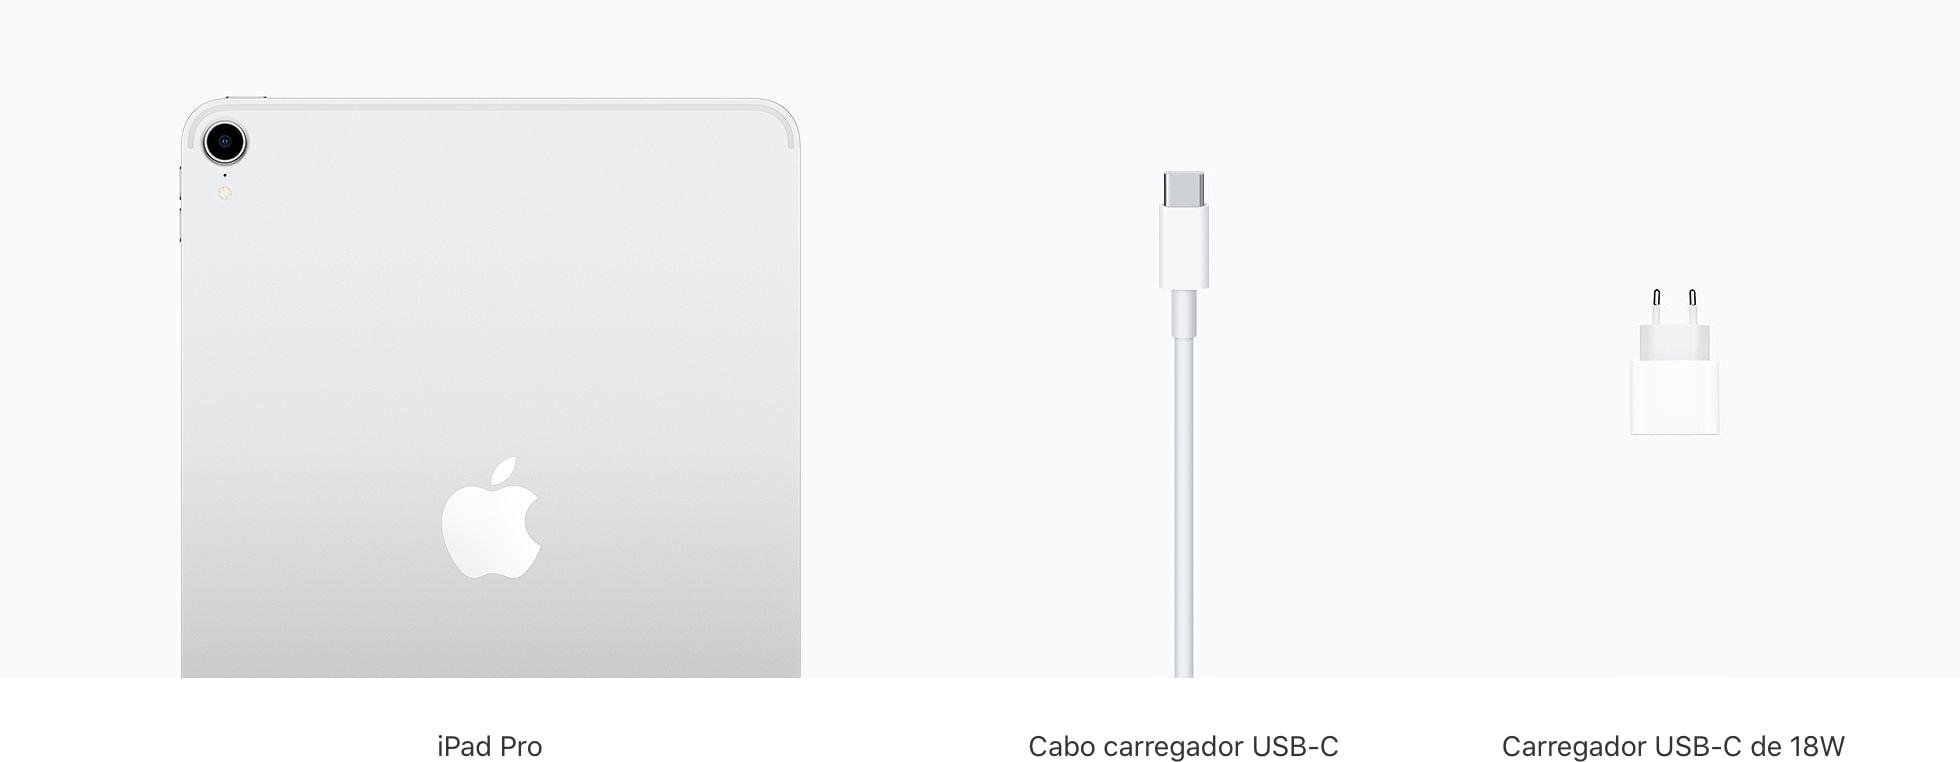 O que vem na caixa dos novos iPads Pro (carregador de 18W)